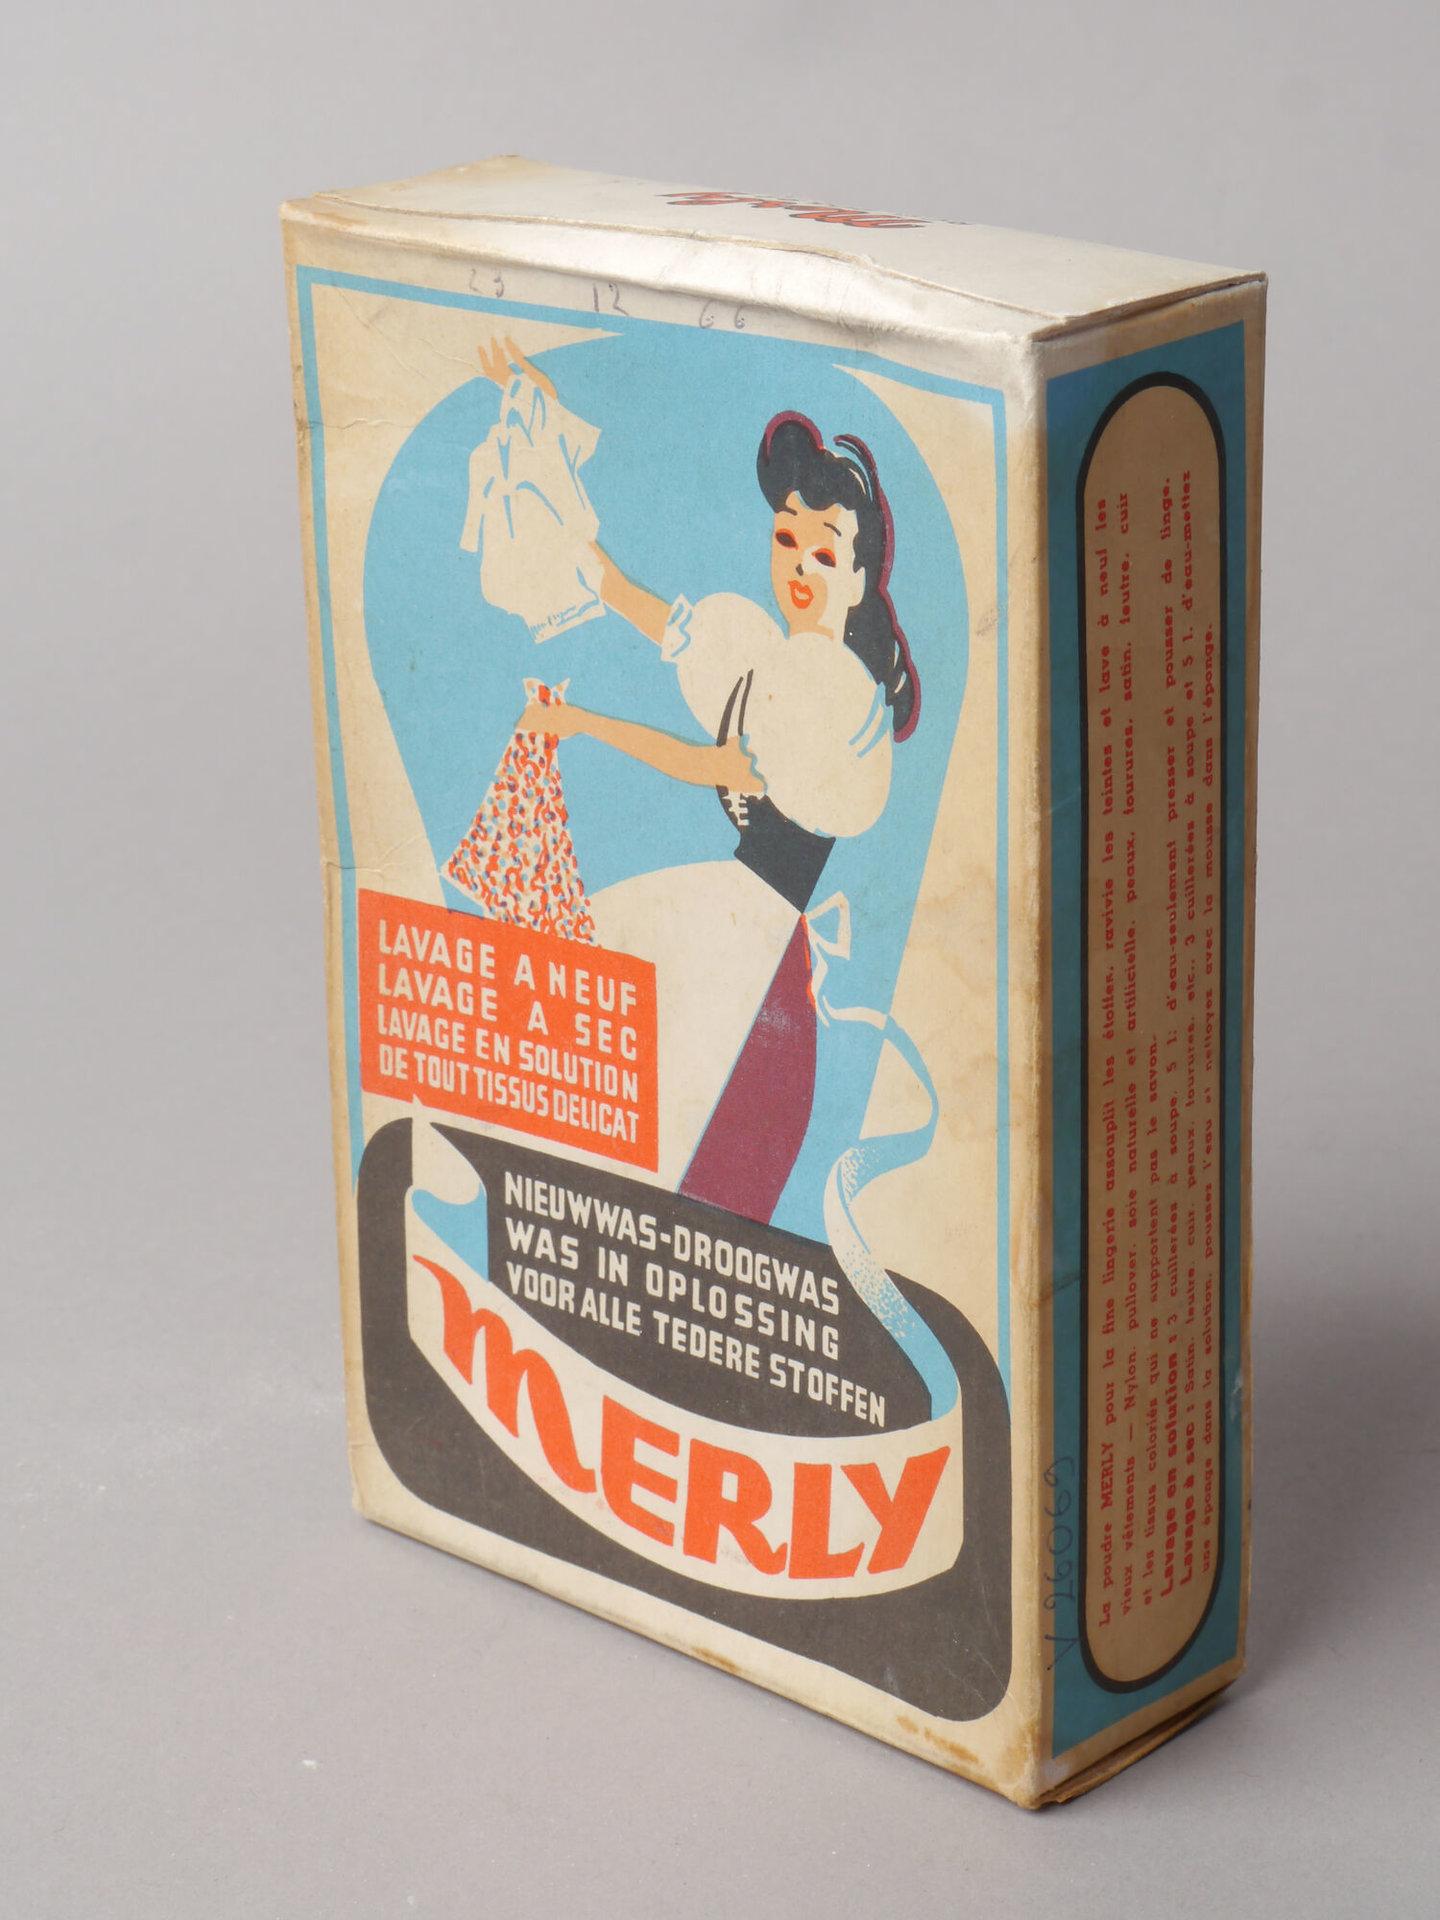 Doos waspoeder van het merk Merly